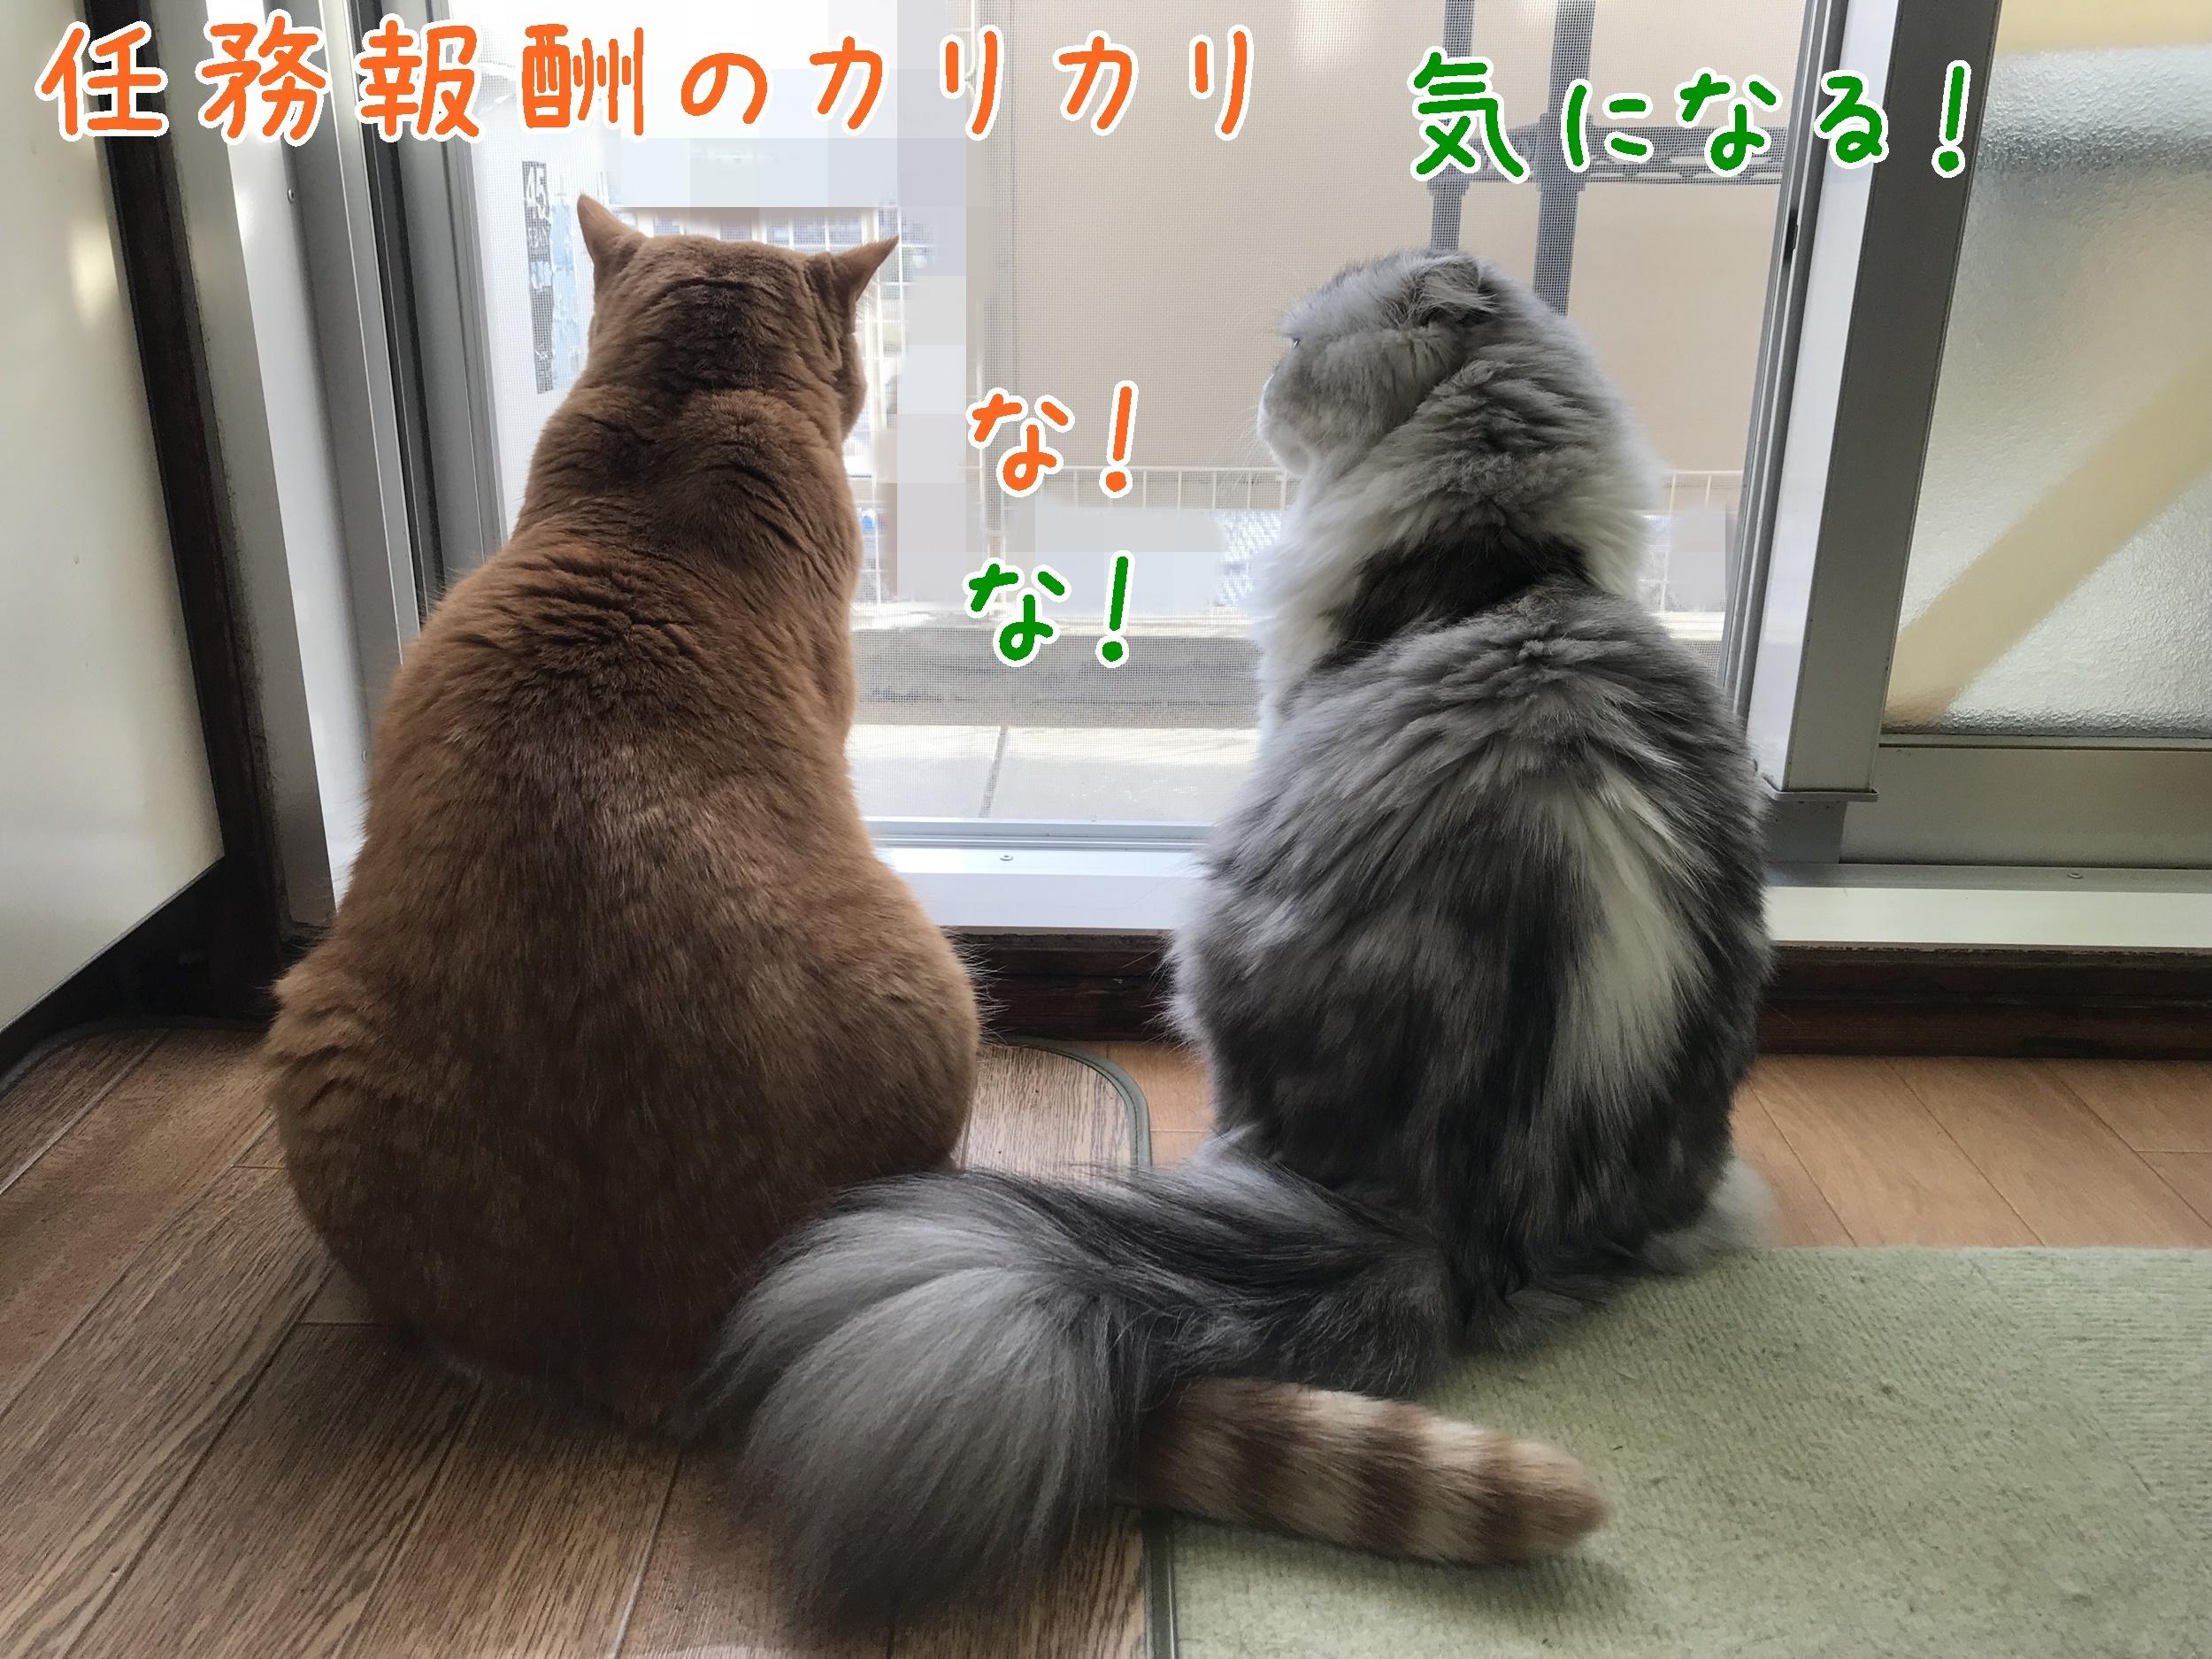 20181202-150659-01.jpg